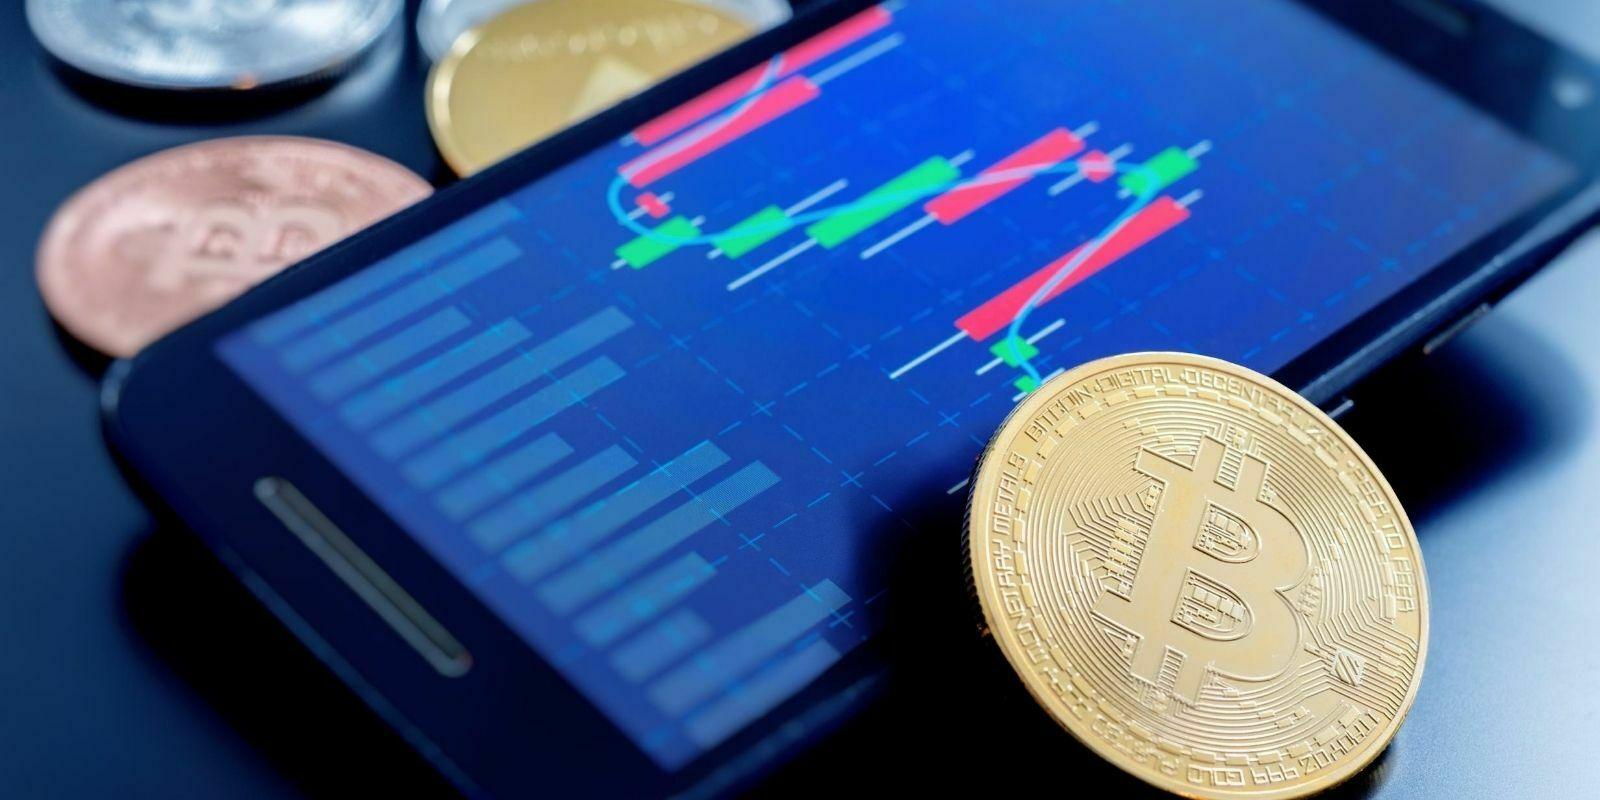 Bitcoin (BTC) et Ethereum (ETH) confirment leurs intentions haussières